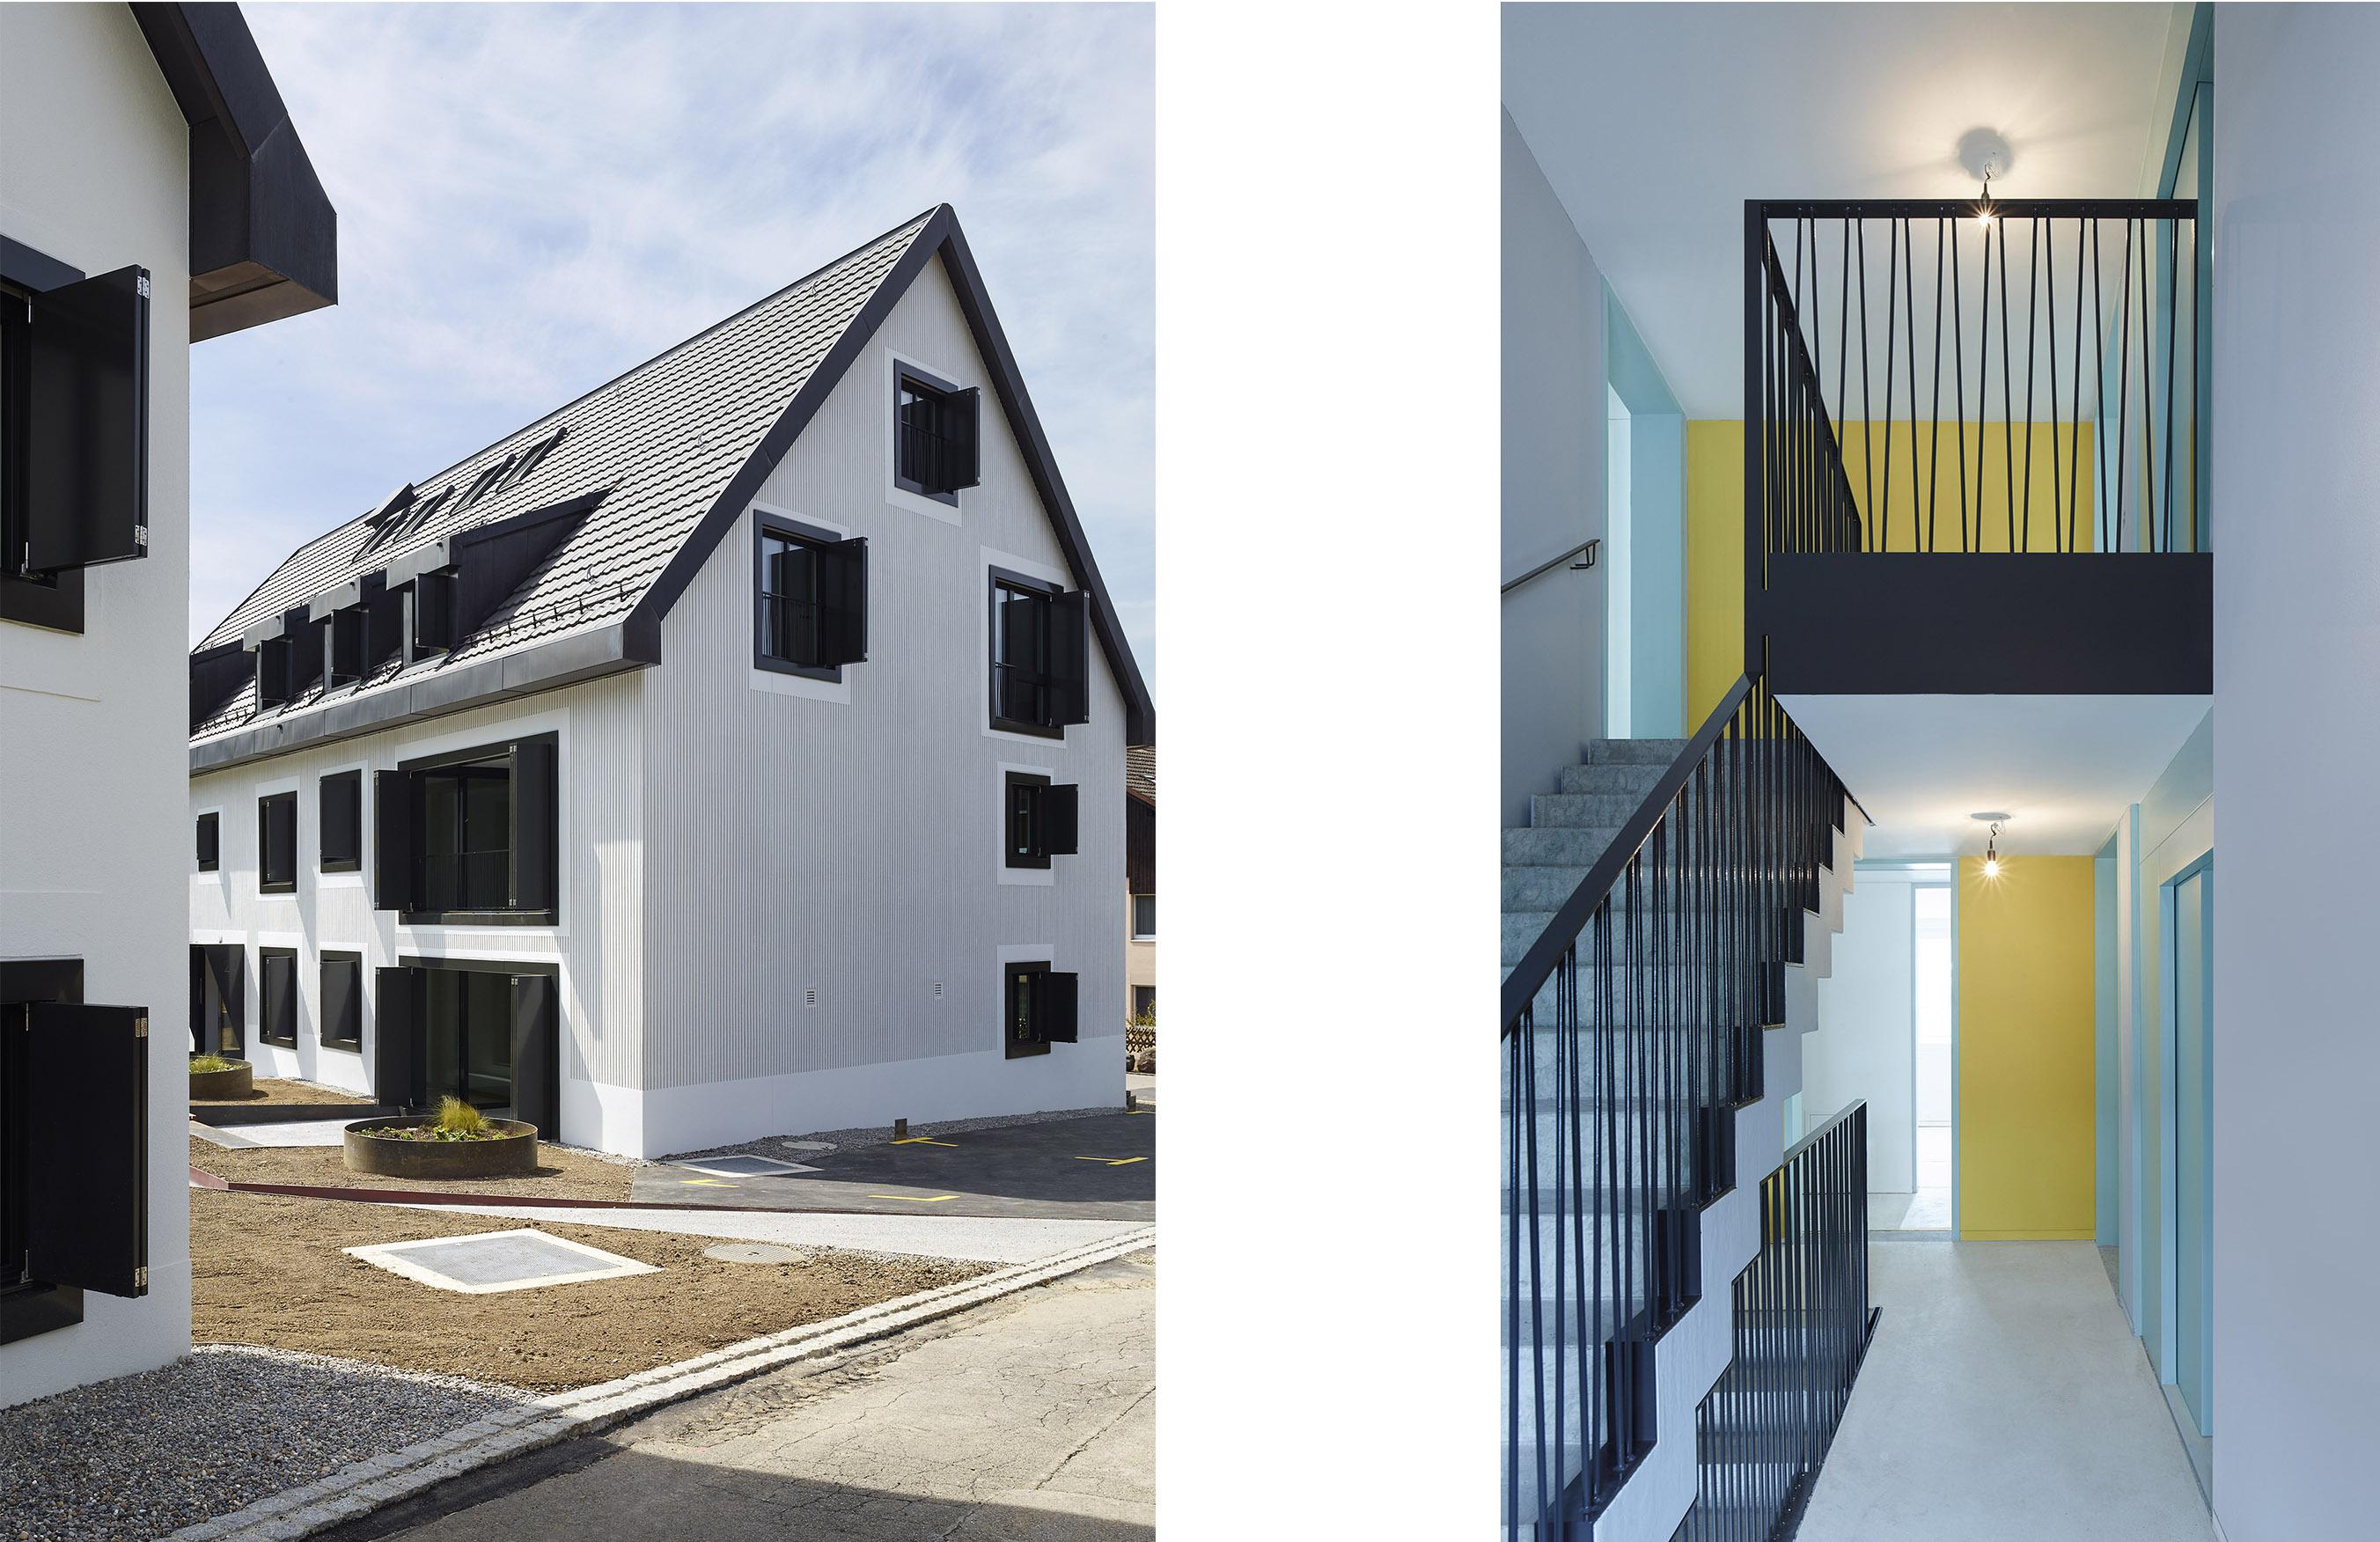 Strukturputz, Metallklappläden / Treppenhaus